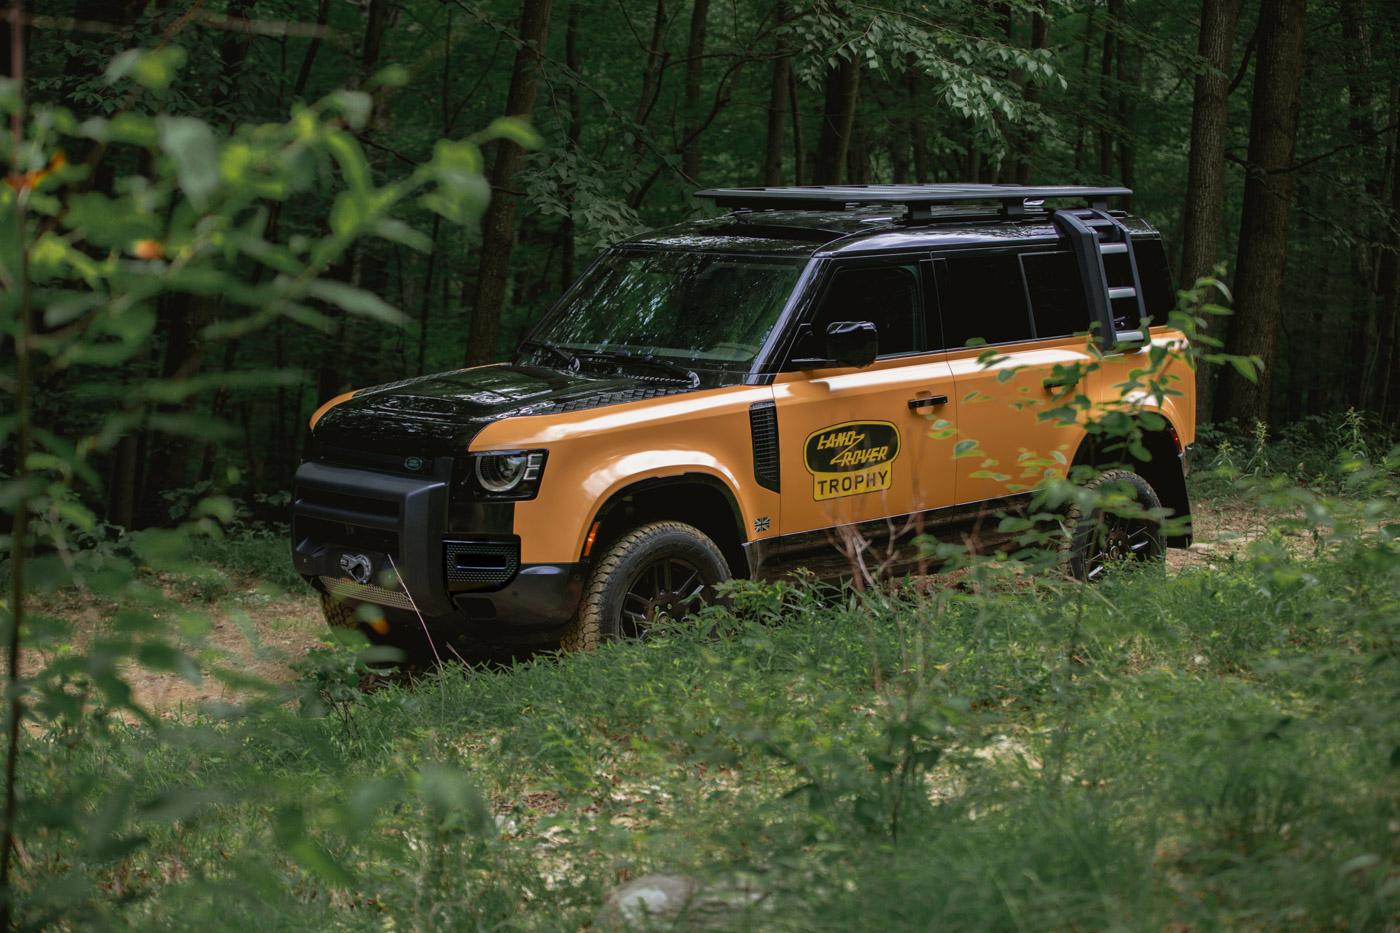 Land-Rover-Defender-L663-Trophy-Edition-10.jpg